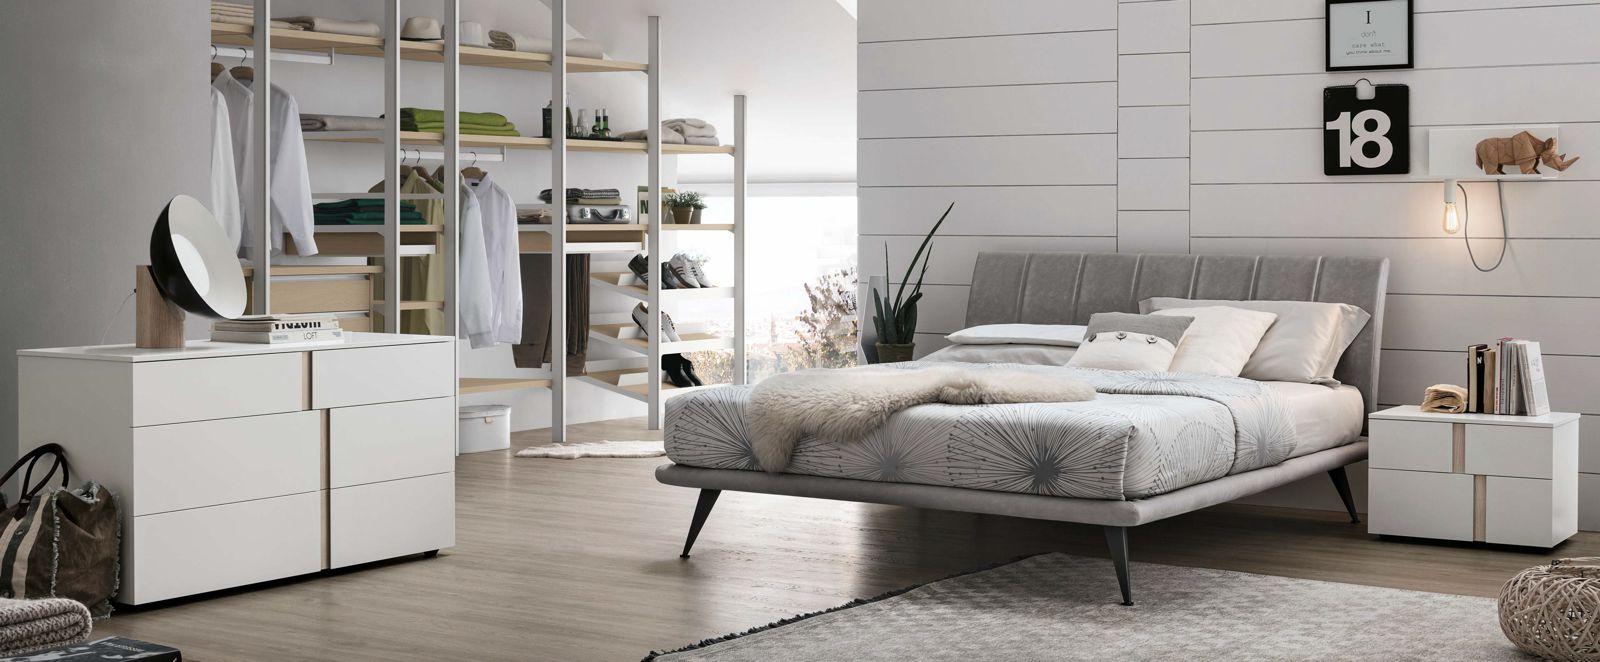 letto-seven_evid